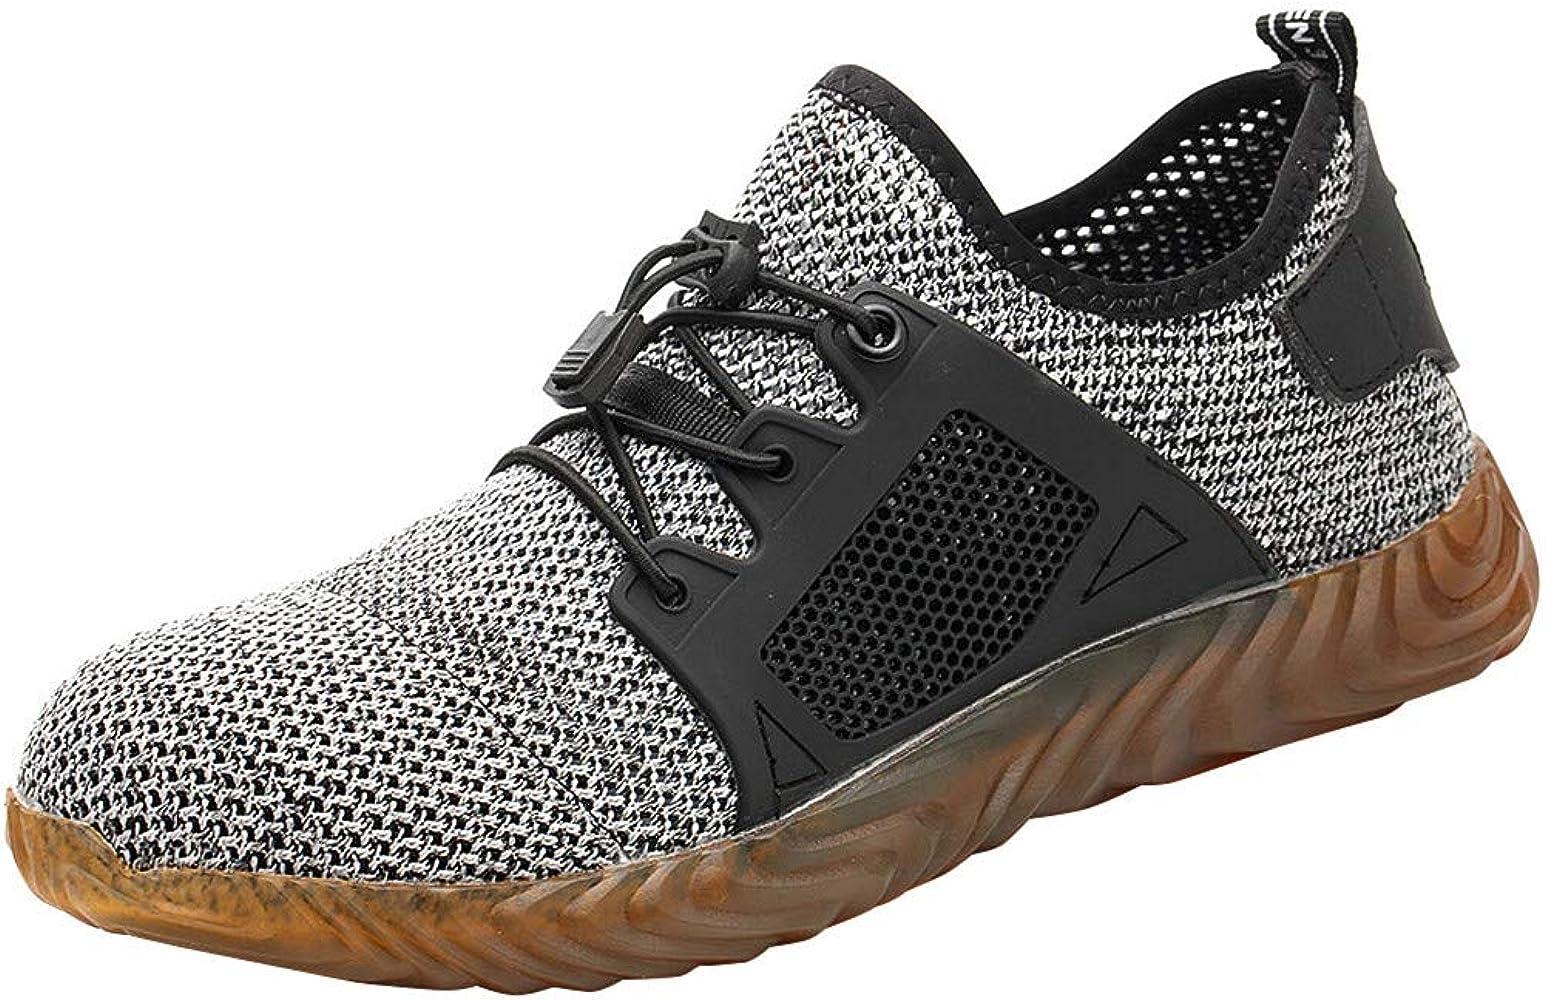 SONIGER Indestructible Ryder Shoes Men